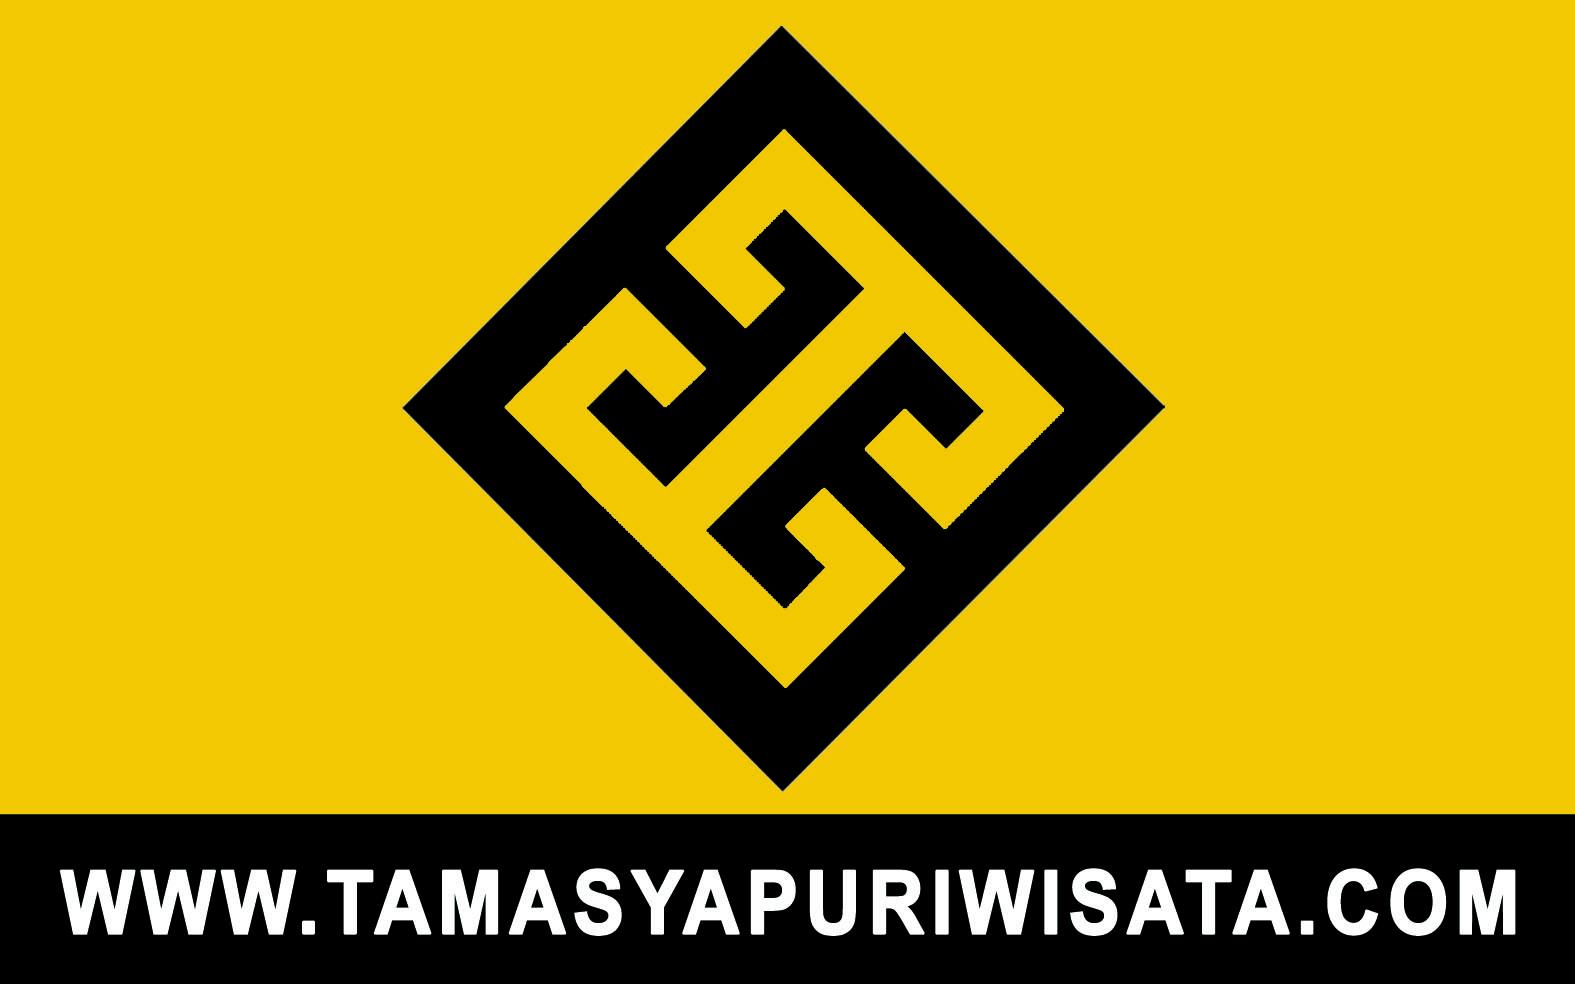 Logo Tamasya Puri Wisata